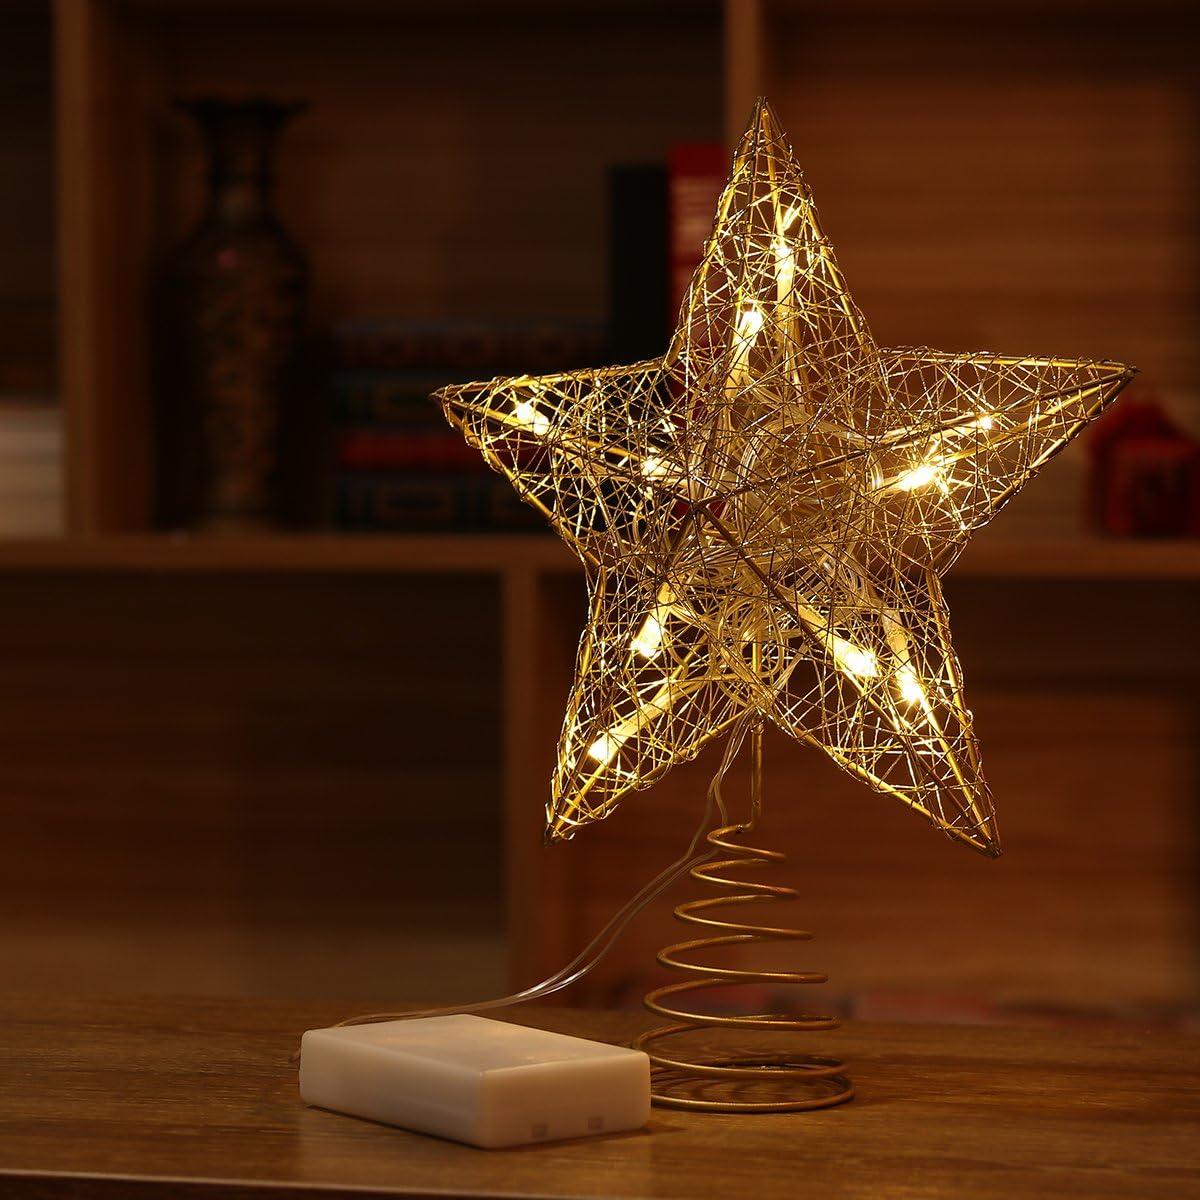 NICEXMAS 9.8 Zoll Goldener Stern-Baum-Deckel mit LED-Lichtern f/ür Weihnachtsbaum-Dekoration